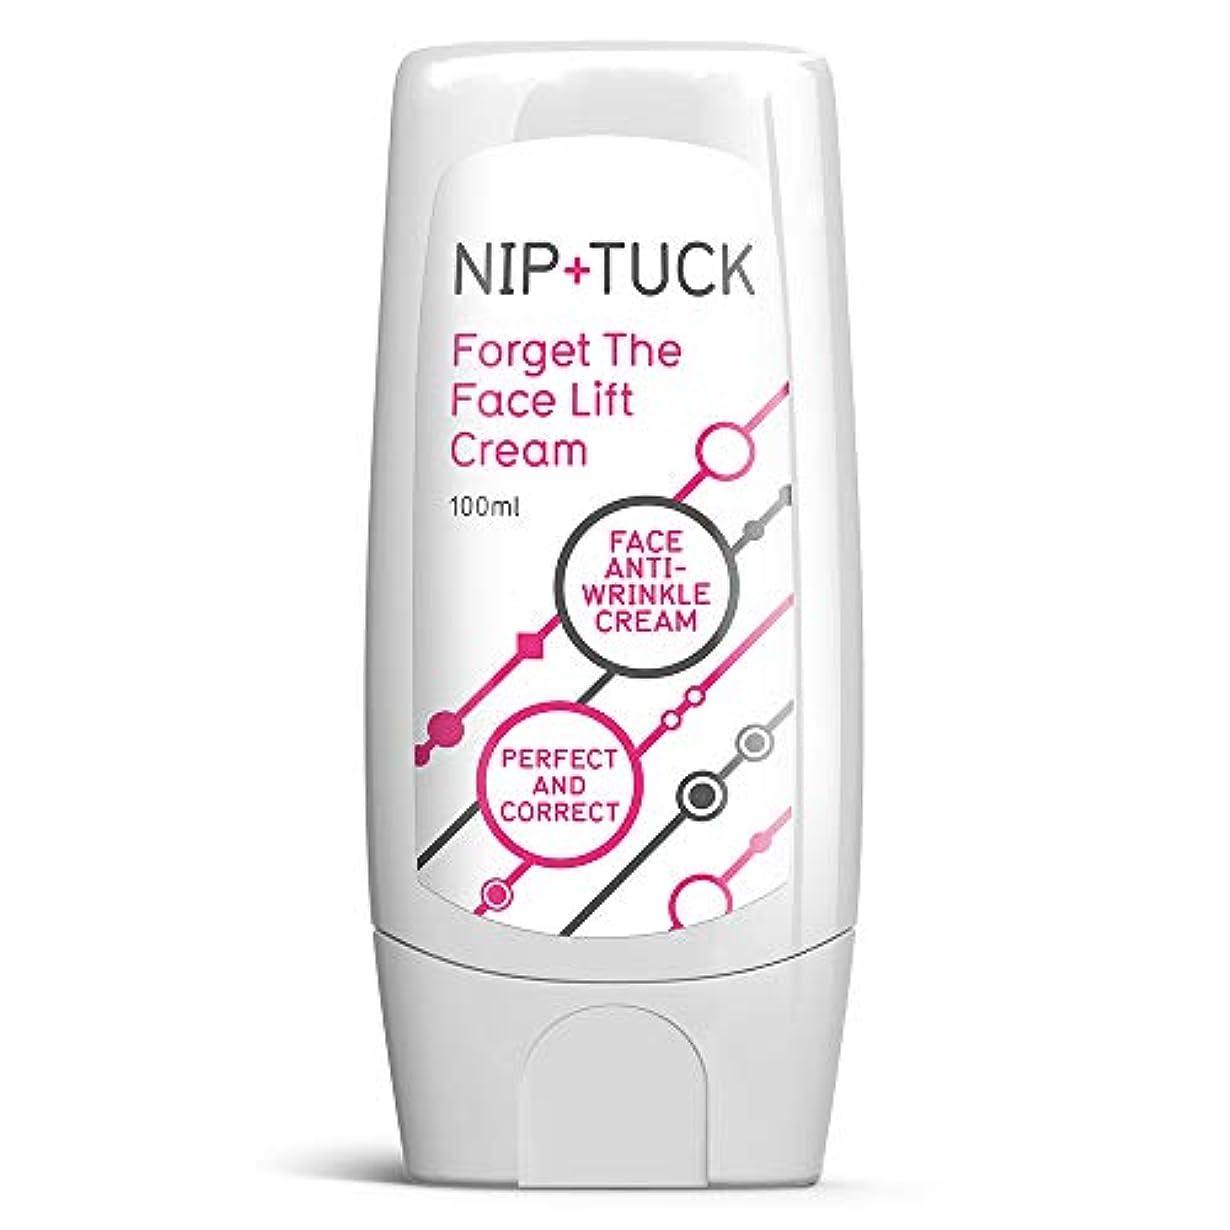 衝撃部門アレルギーNIP & TUCK FORGET THE FACELIFT CREAM Nippu& takku wa, anchikurinkufeisu& anchirinkurukurīmufāmu& 若く見える肌を